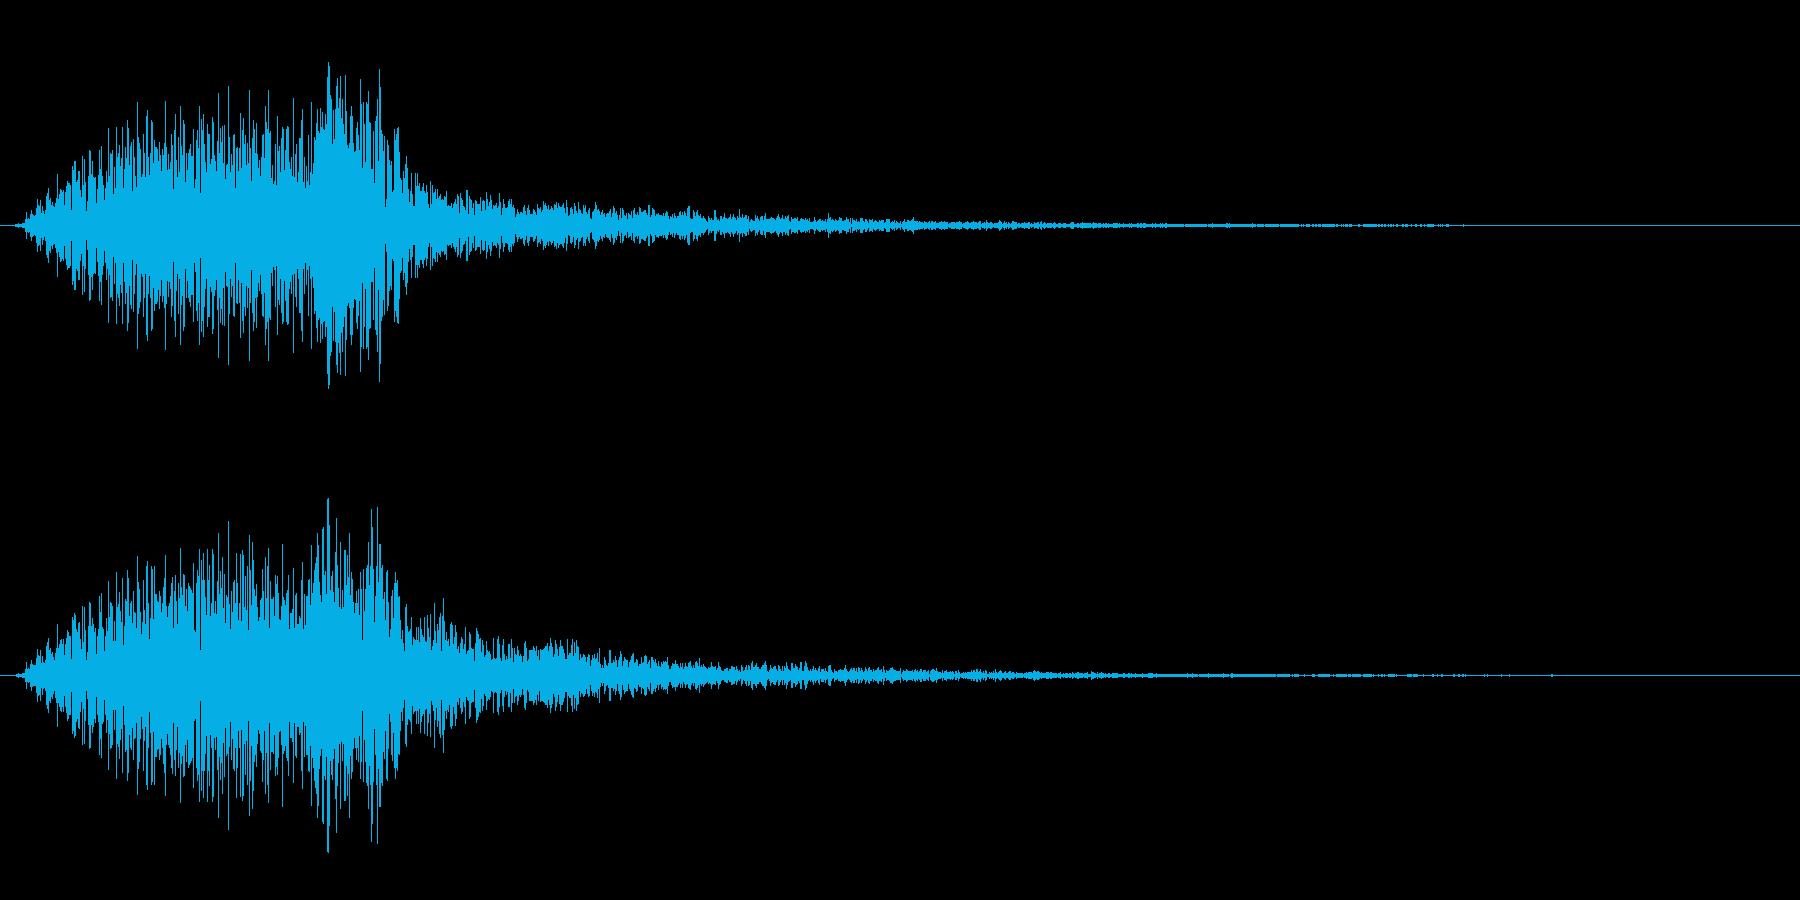 ビュウン、という近代的な電子音の再生済みの波形